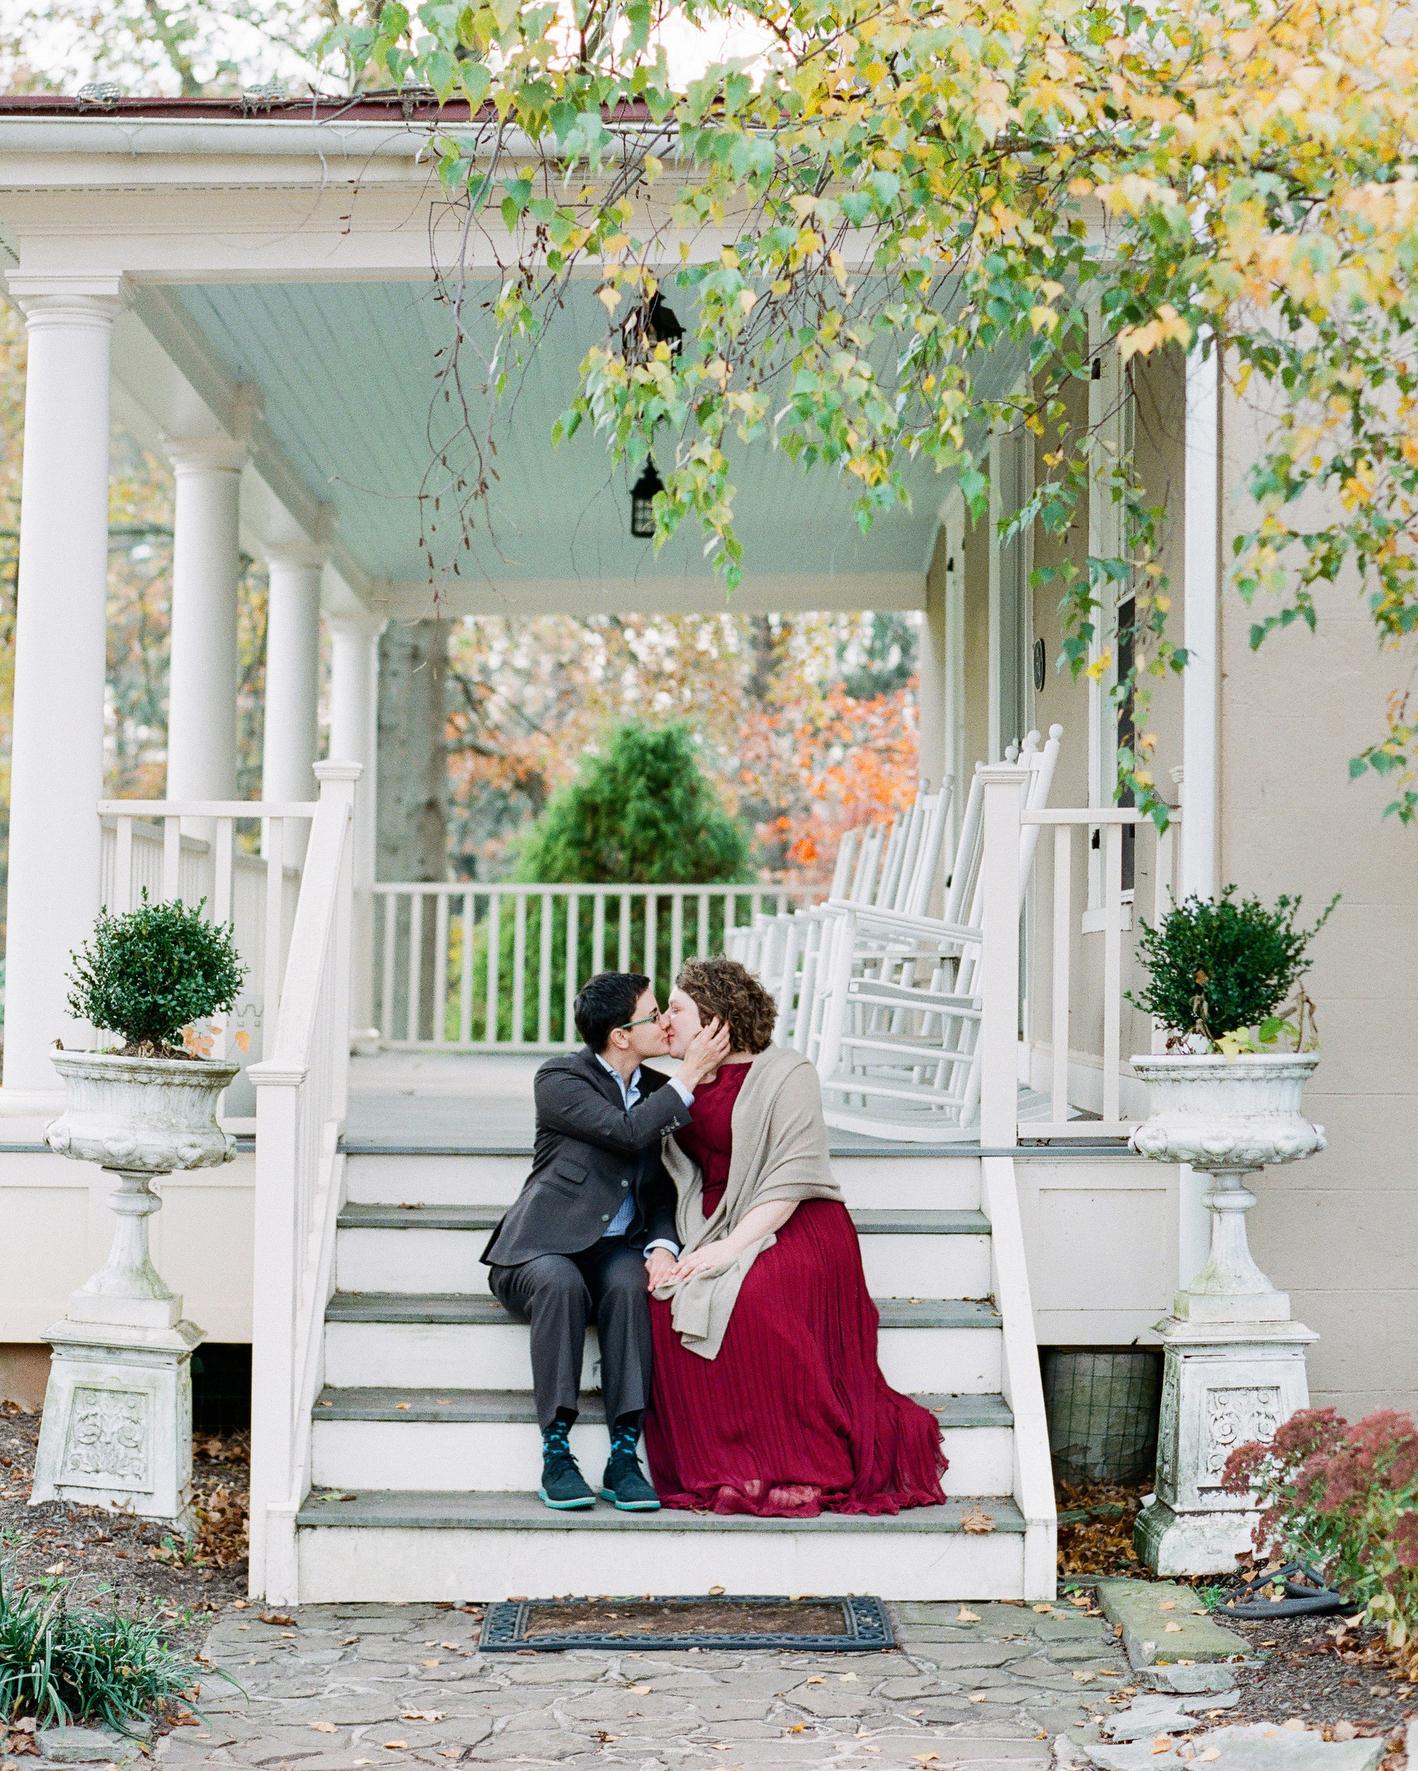 celeste-elizabeth-wedding-portrait1-0514.jpg